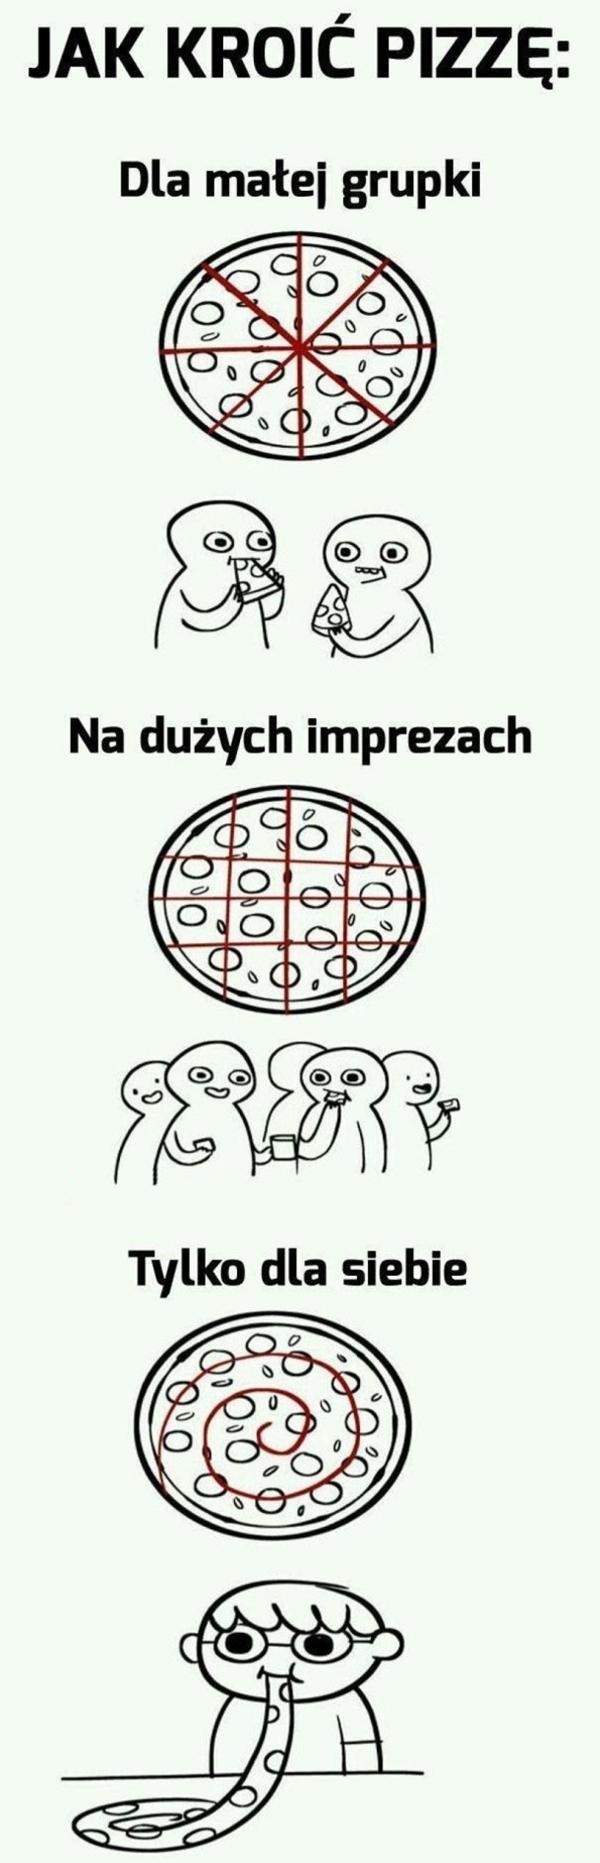 Jak kroić pizzę